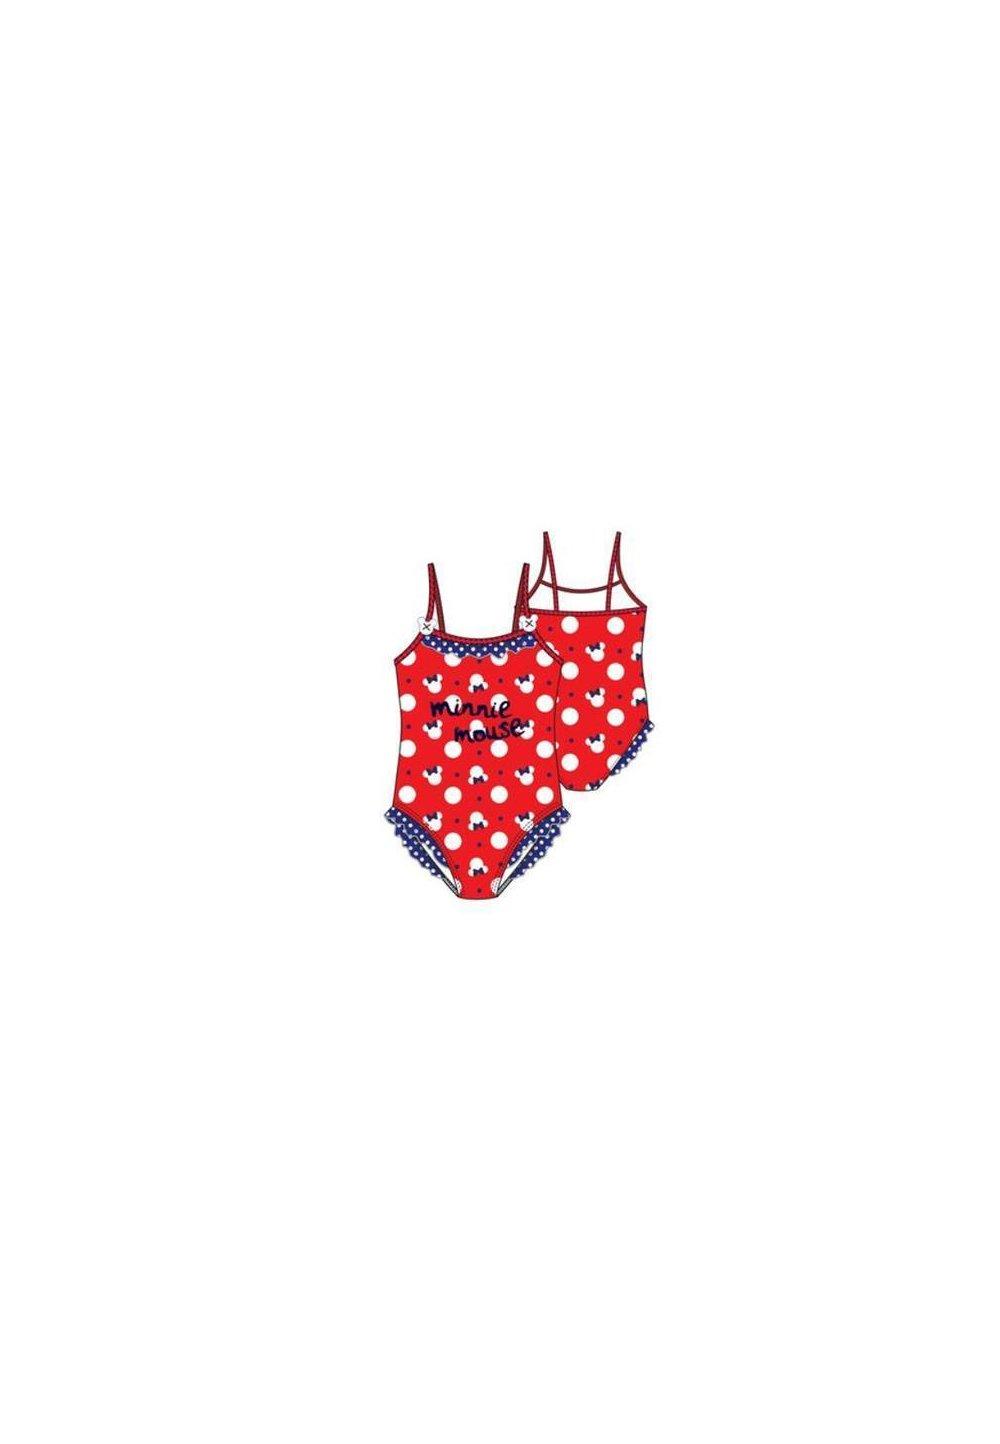 Costum de baie, intreg, cu print, Minnie, rosu imagine